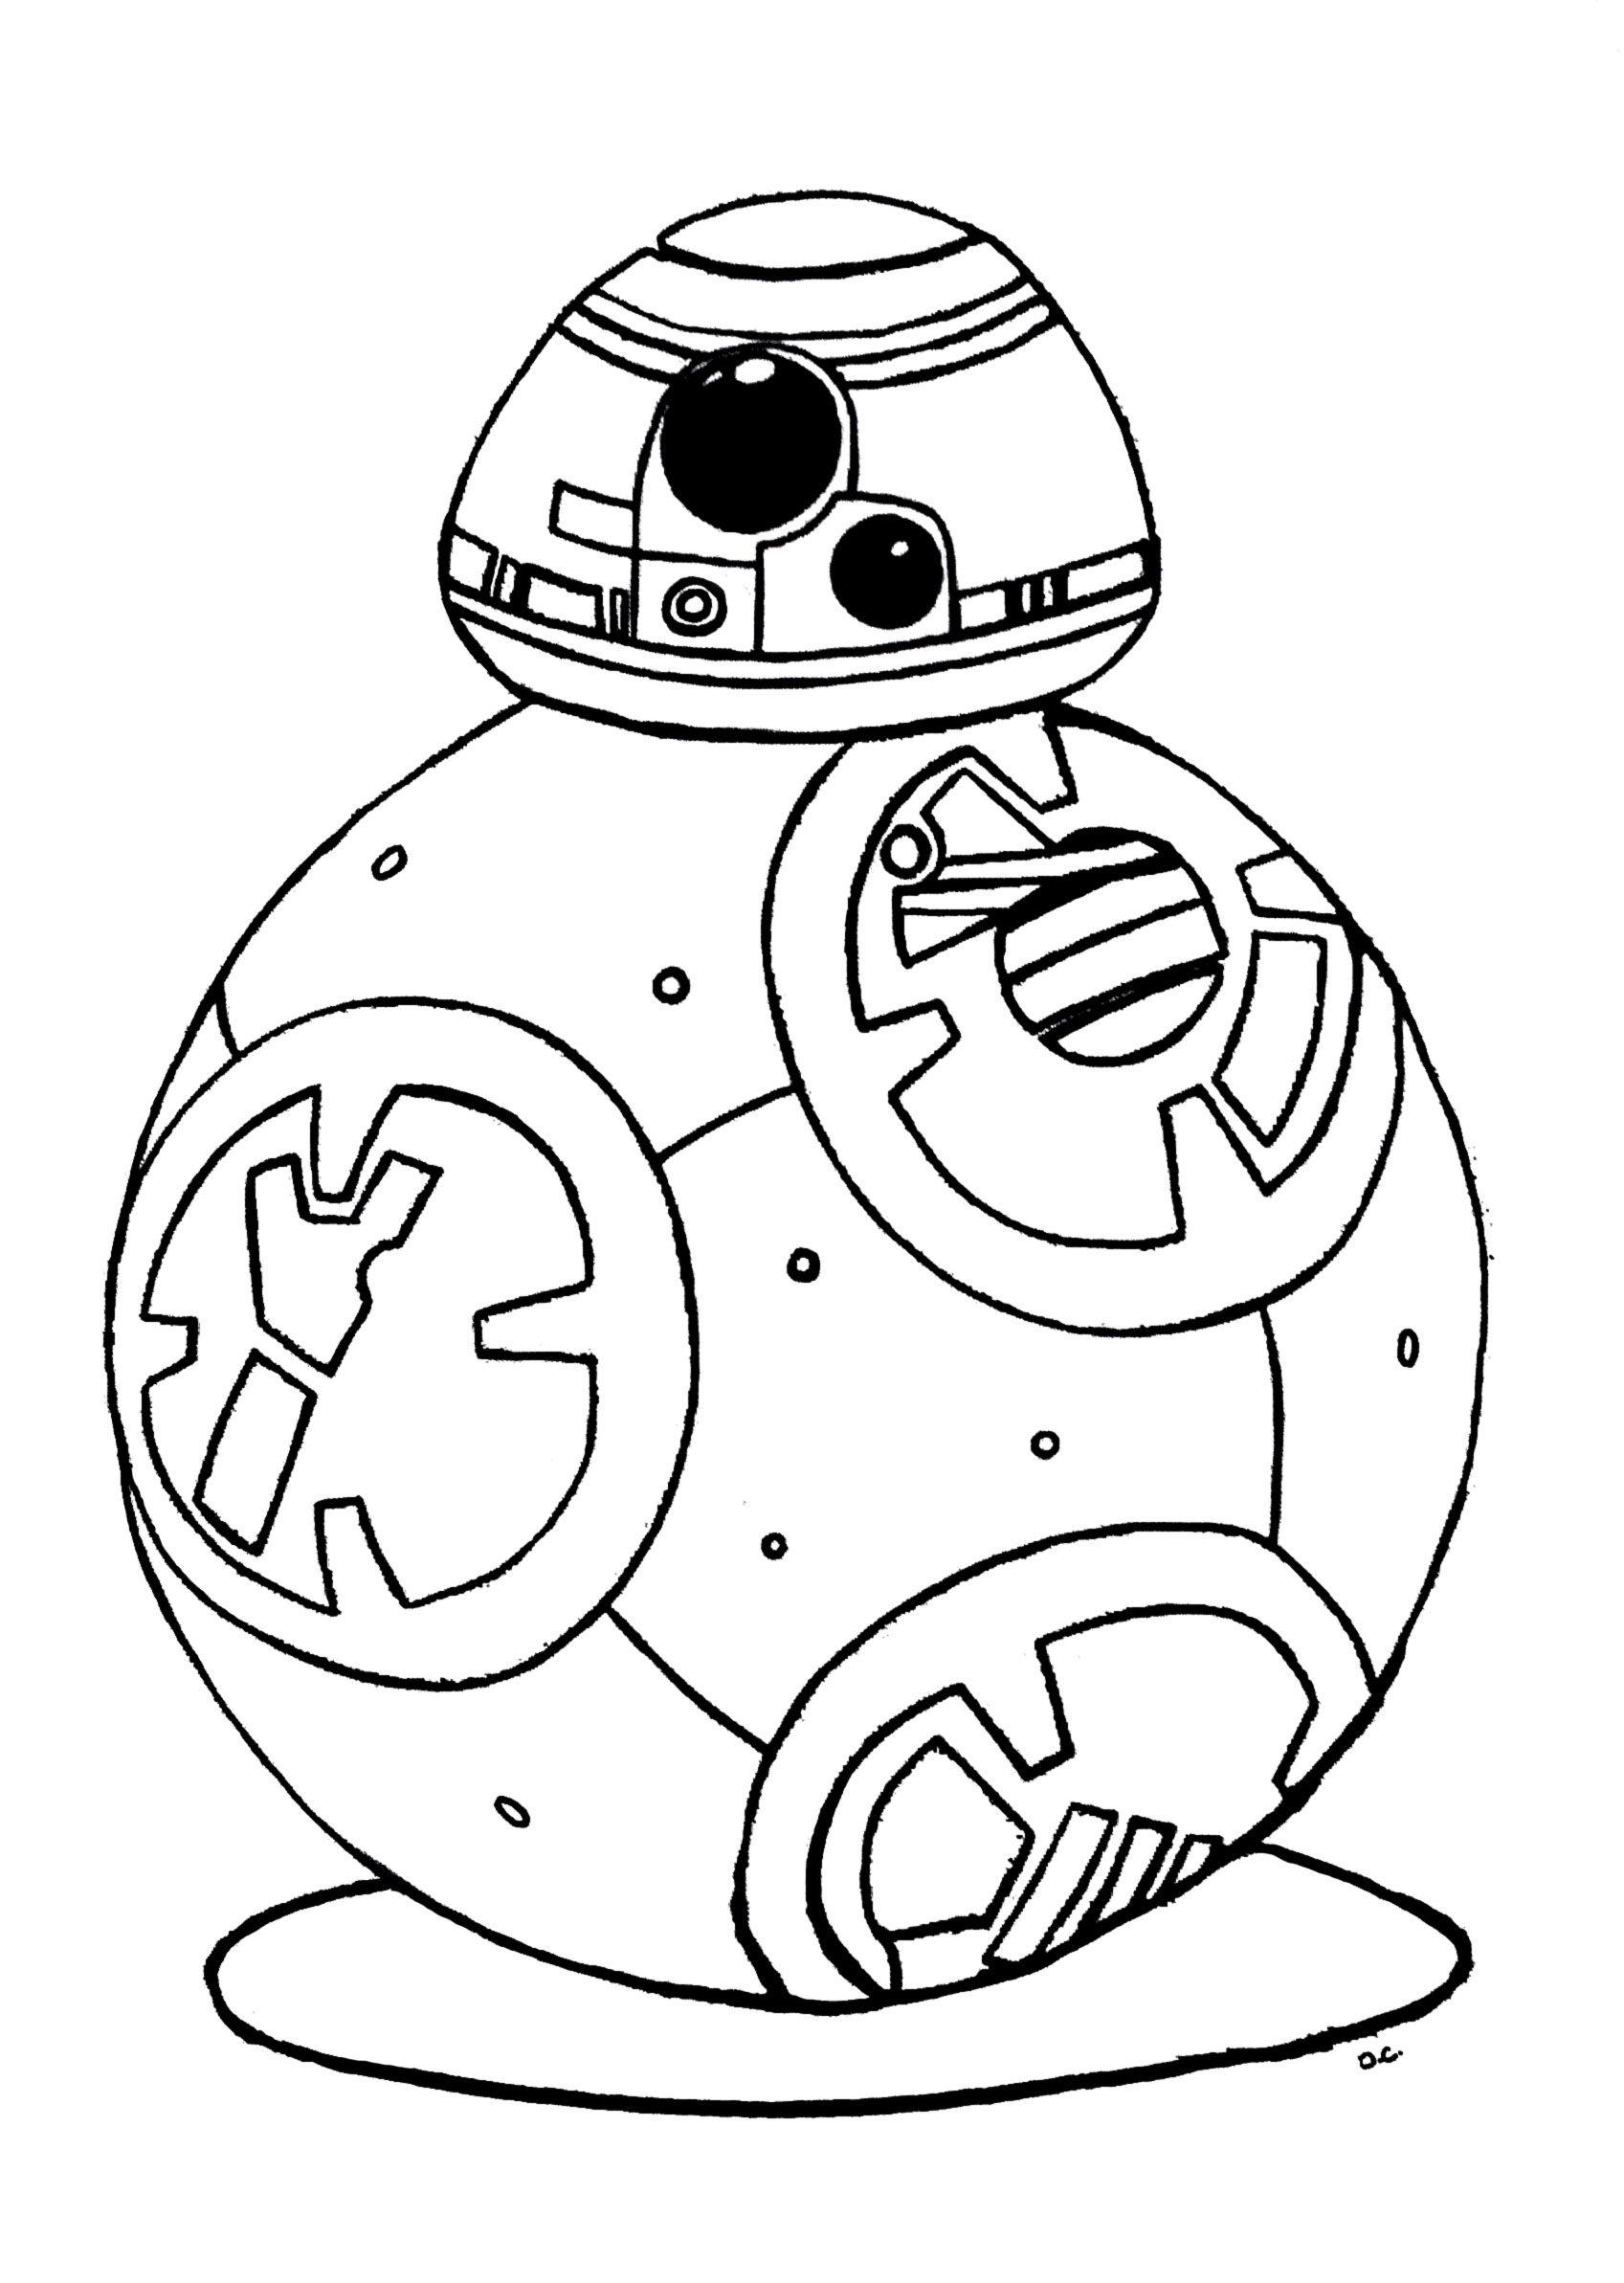 1697x2385 Star Wars Printable Coloring Pages Star Wars Week